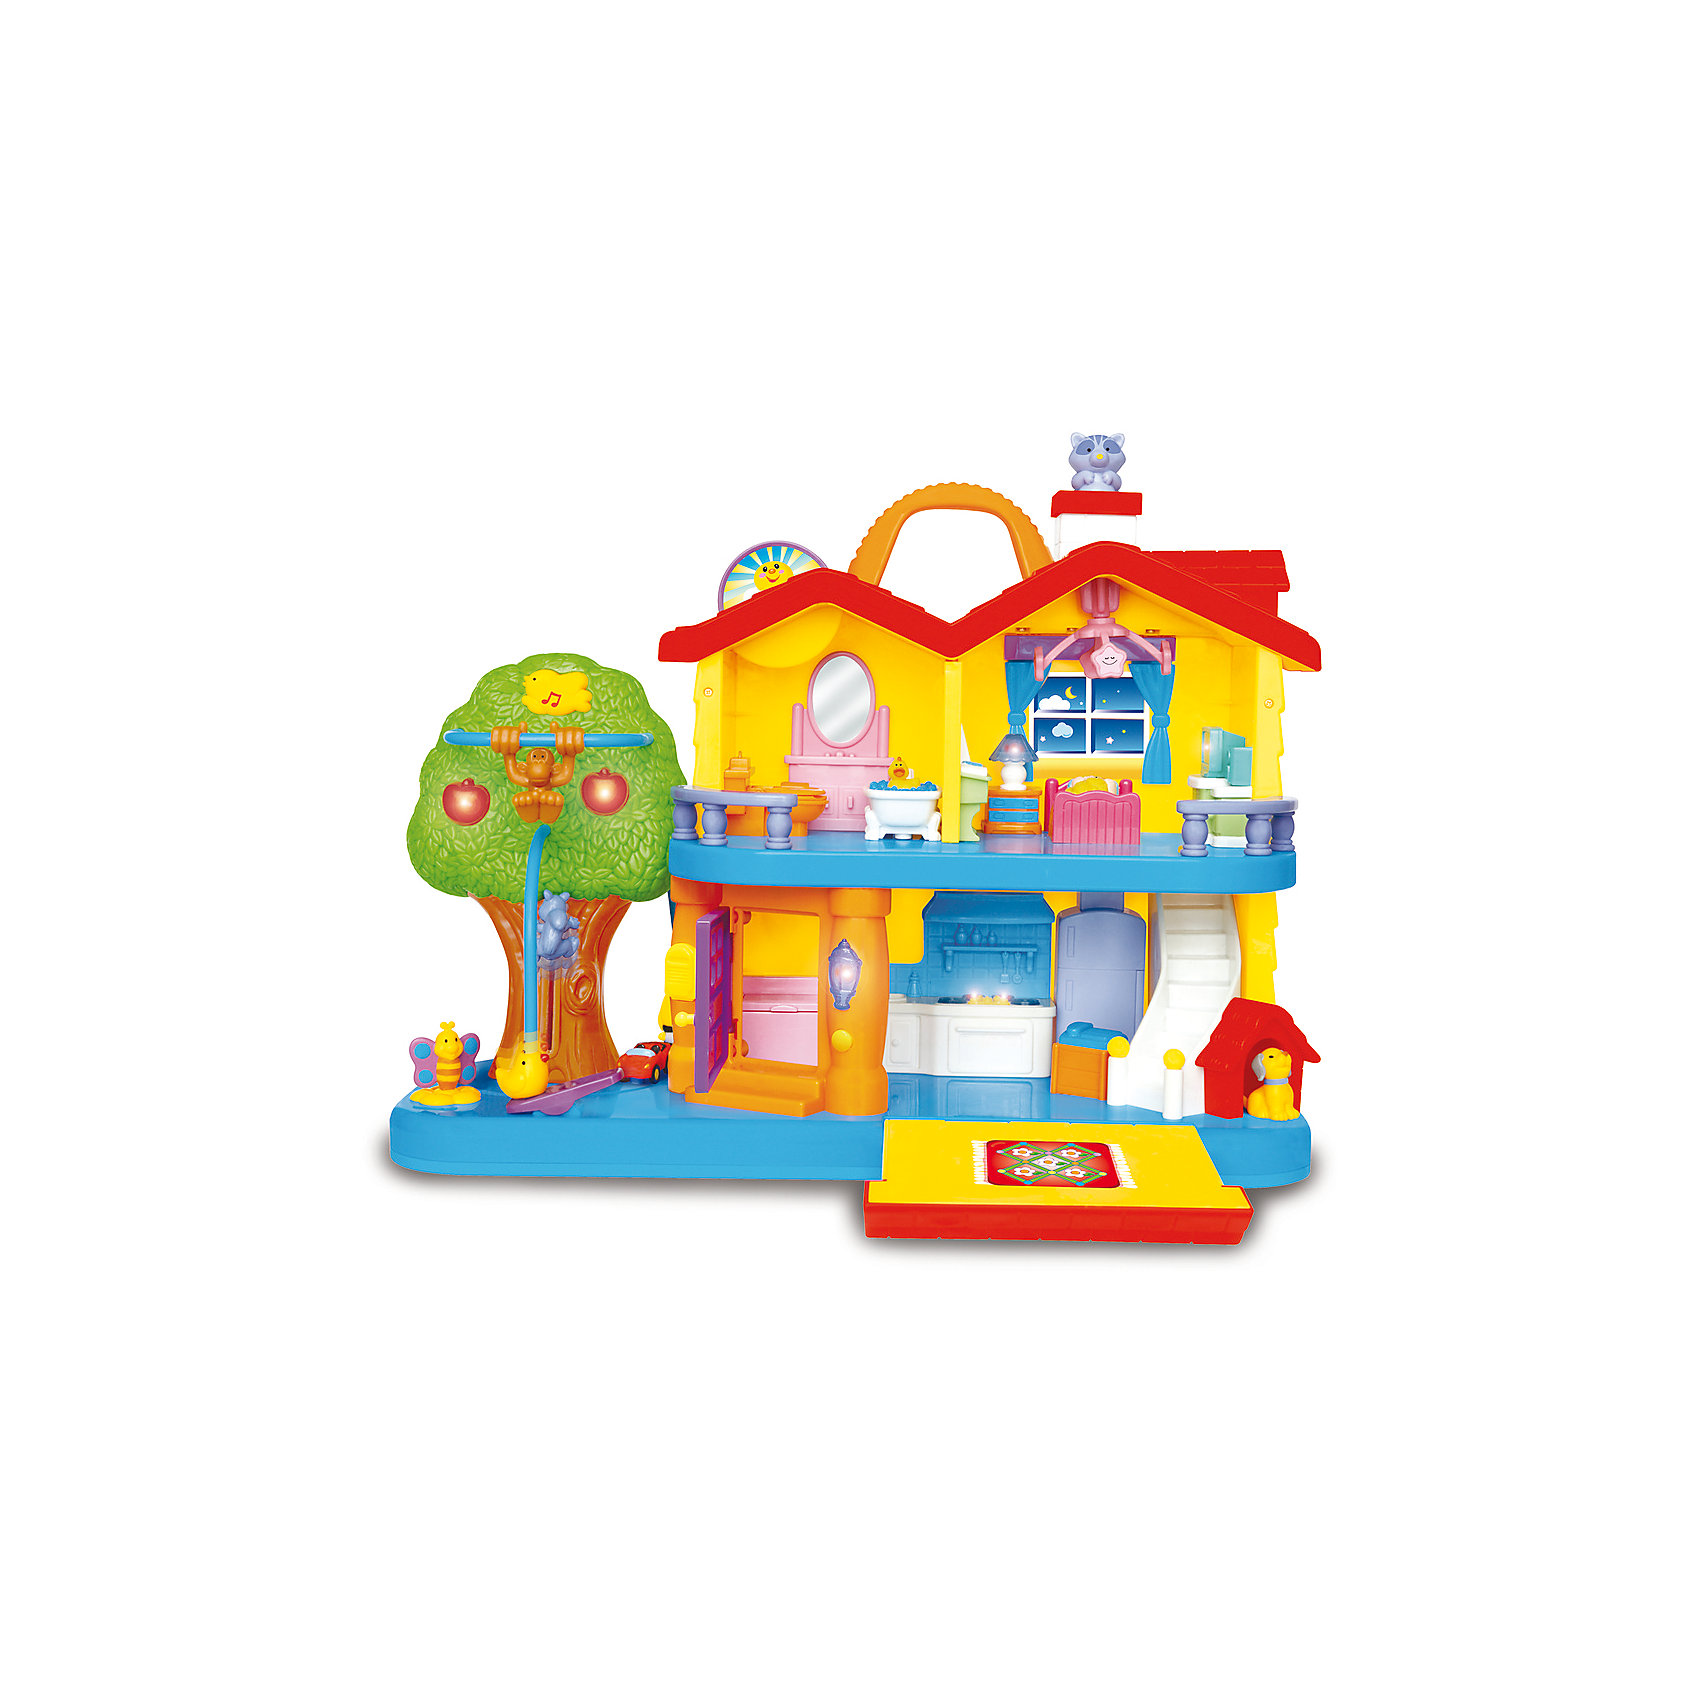 Kiddieland Развивающая игрушка Занимательный дом, Kiddieland все для дома